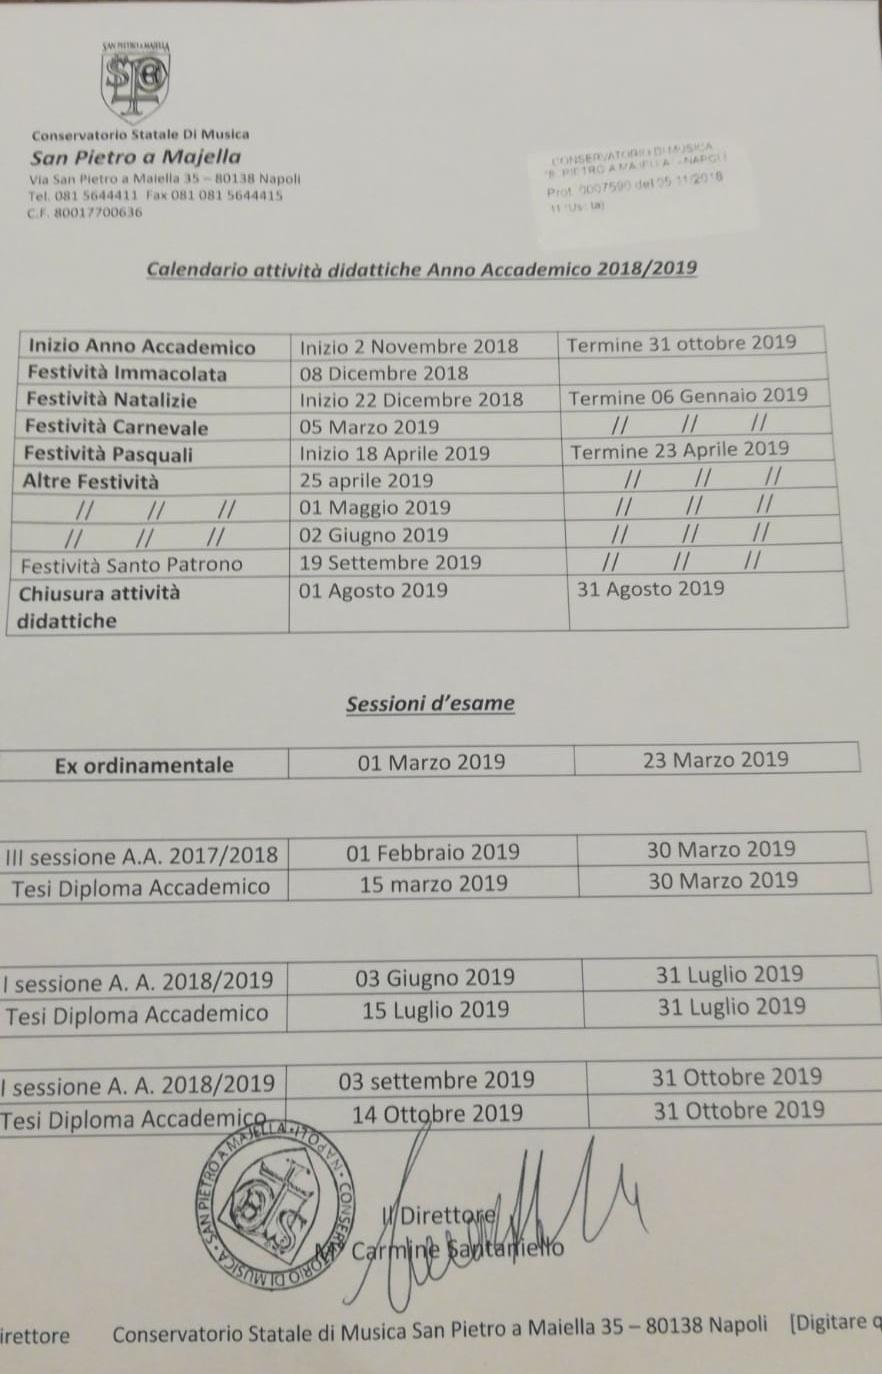 Calendario 31 Luglio 2019.Calendari Lezione Conservatorio Di Musica San Pietro A Majella